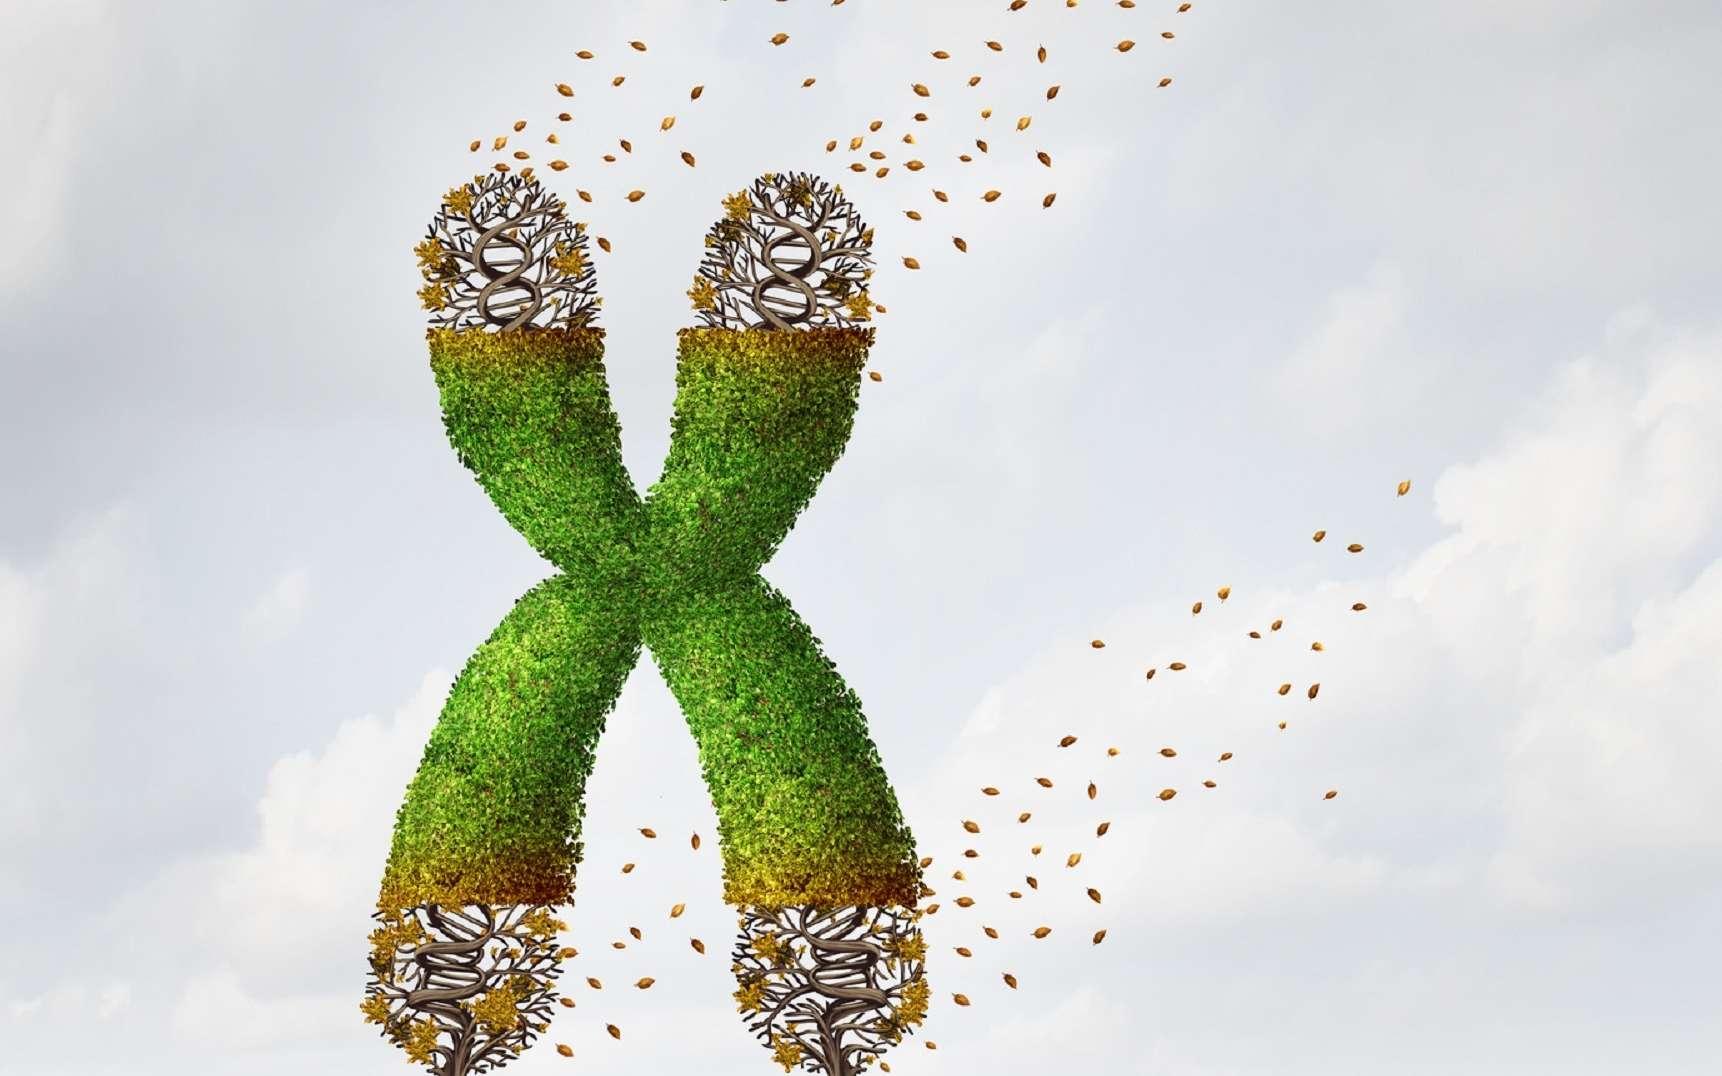 Les télomères sont les extrémités des chromosomes ; ils peuvent perdre de l'information à chaque cycle cellulaire. © freshidea, Fotolia